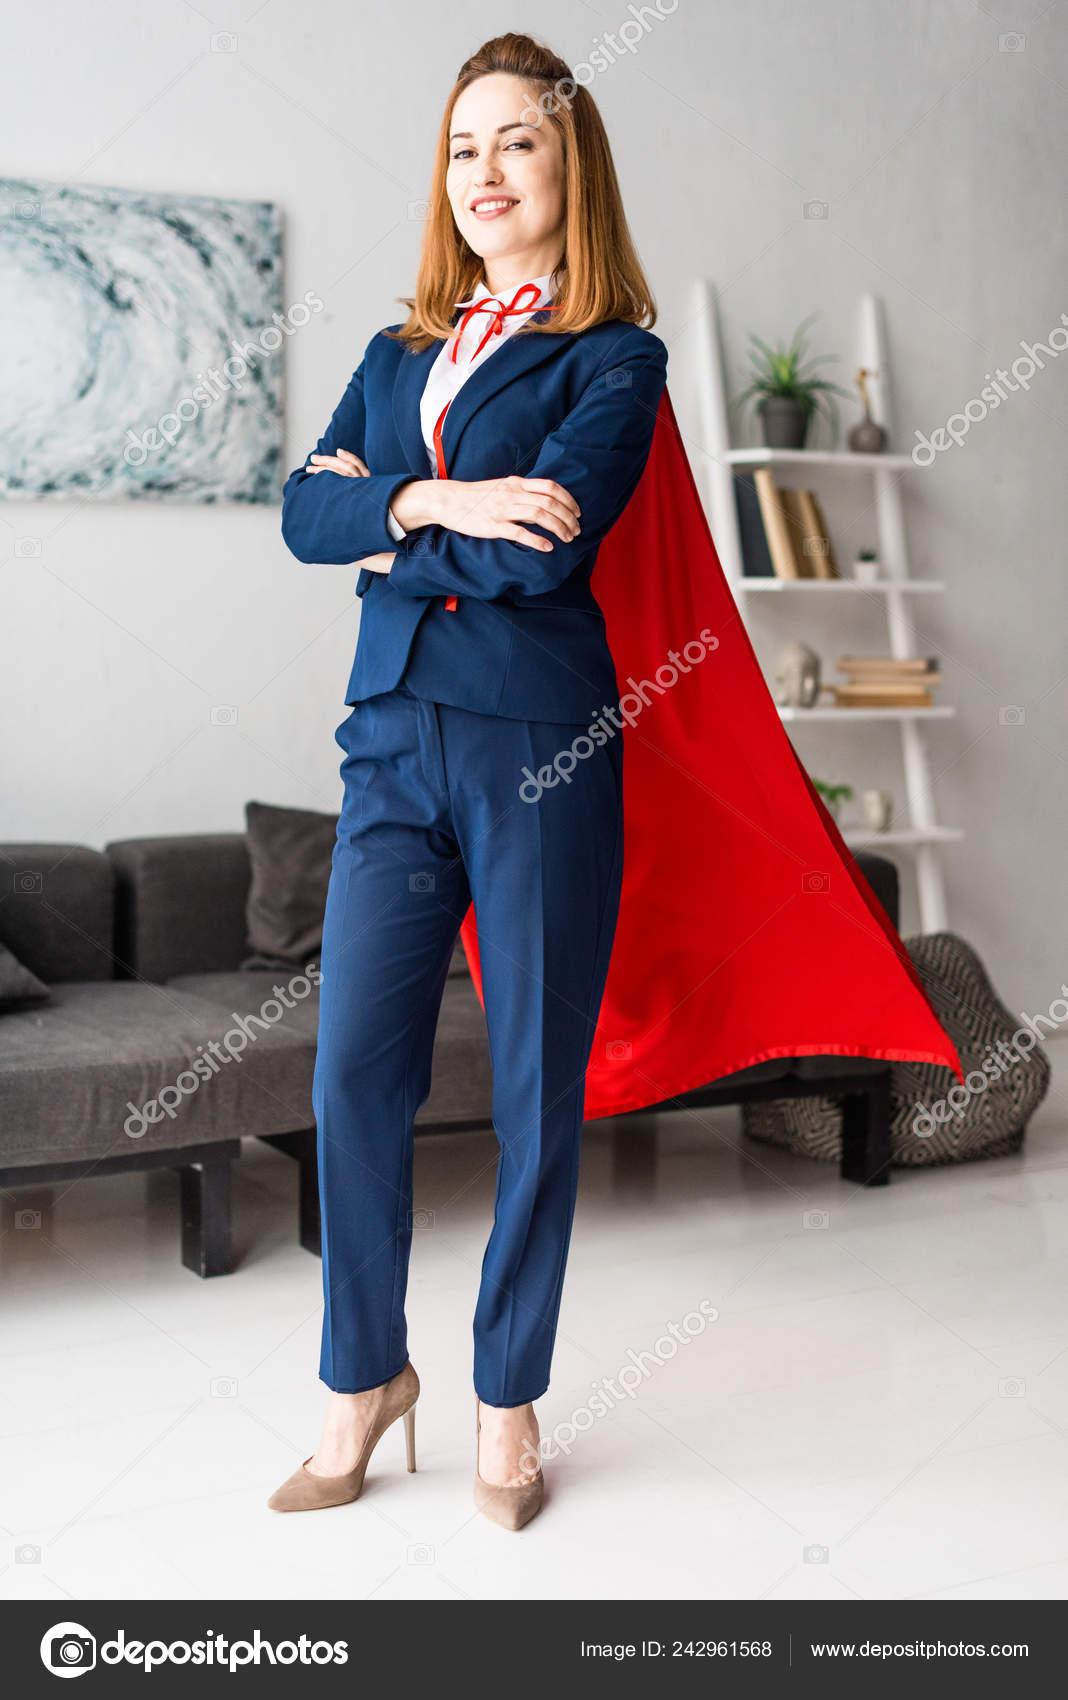 meet e489f 5e53a Donna Affari Sorridente Vestito Blu Mantello Rosso Che ...